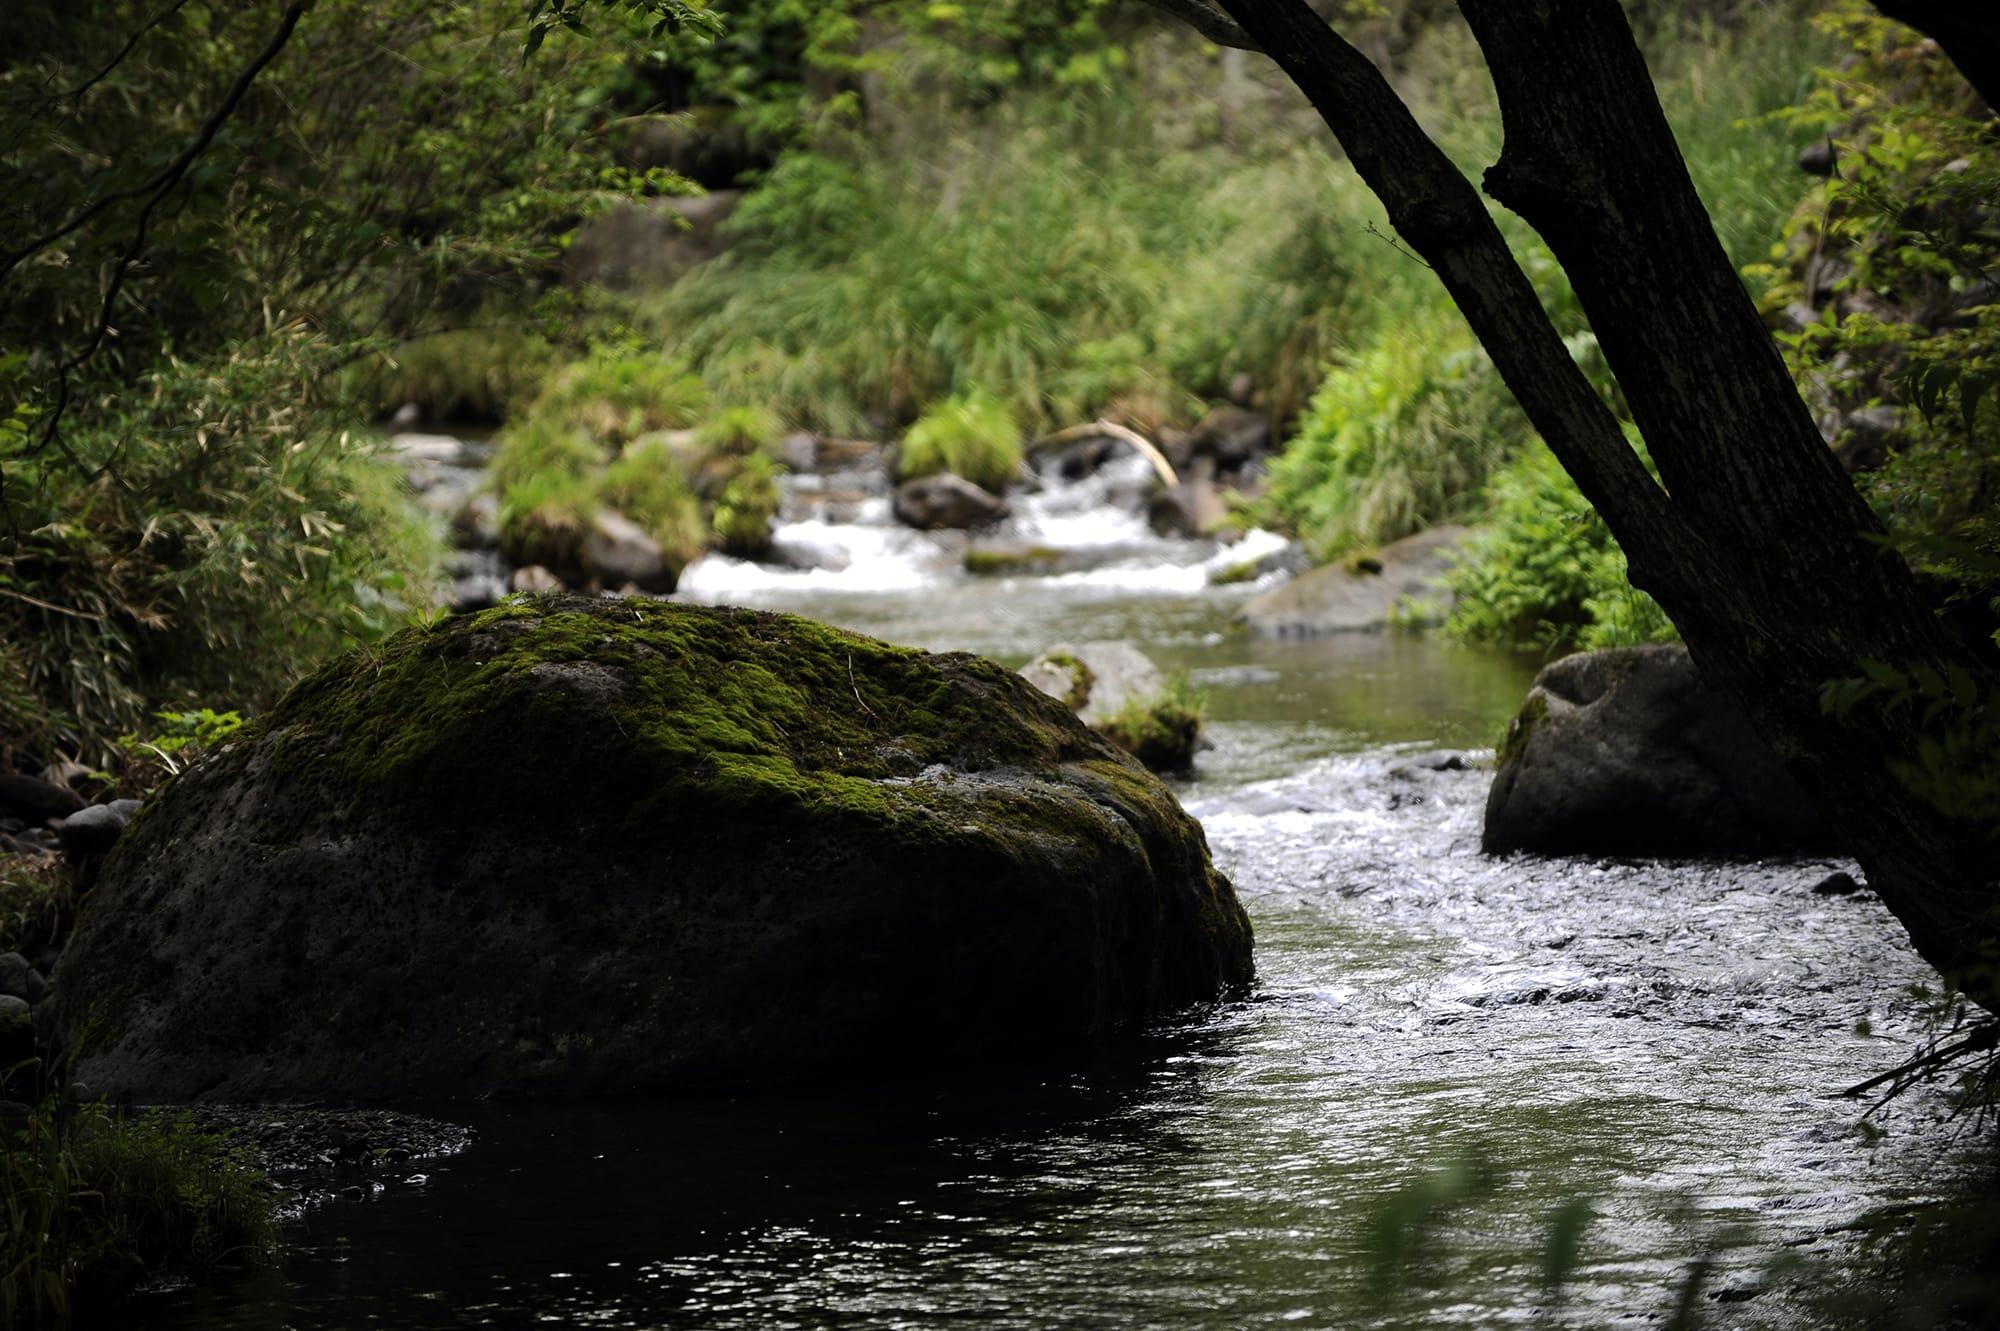 「アートビオトープ那須」がある横沢の地は、那須の郷土誌によれば「水の豊かな場所」と記されている。